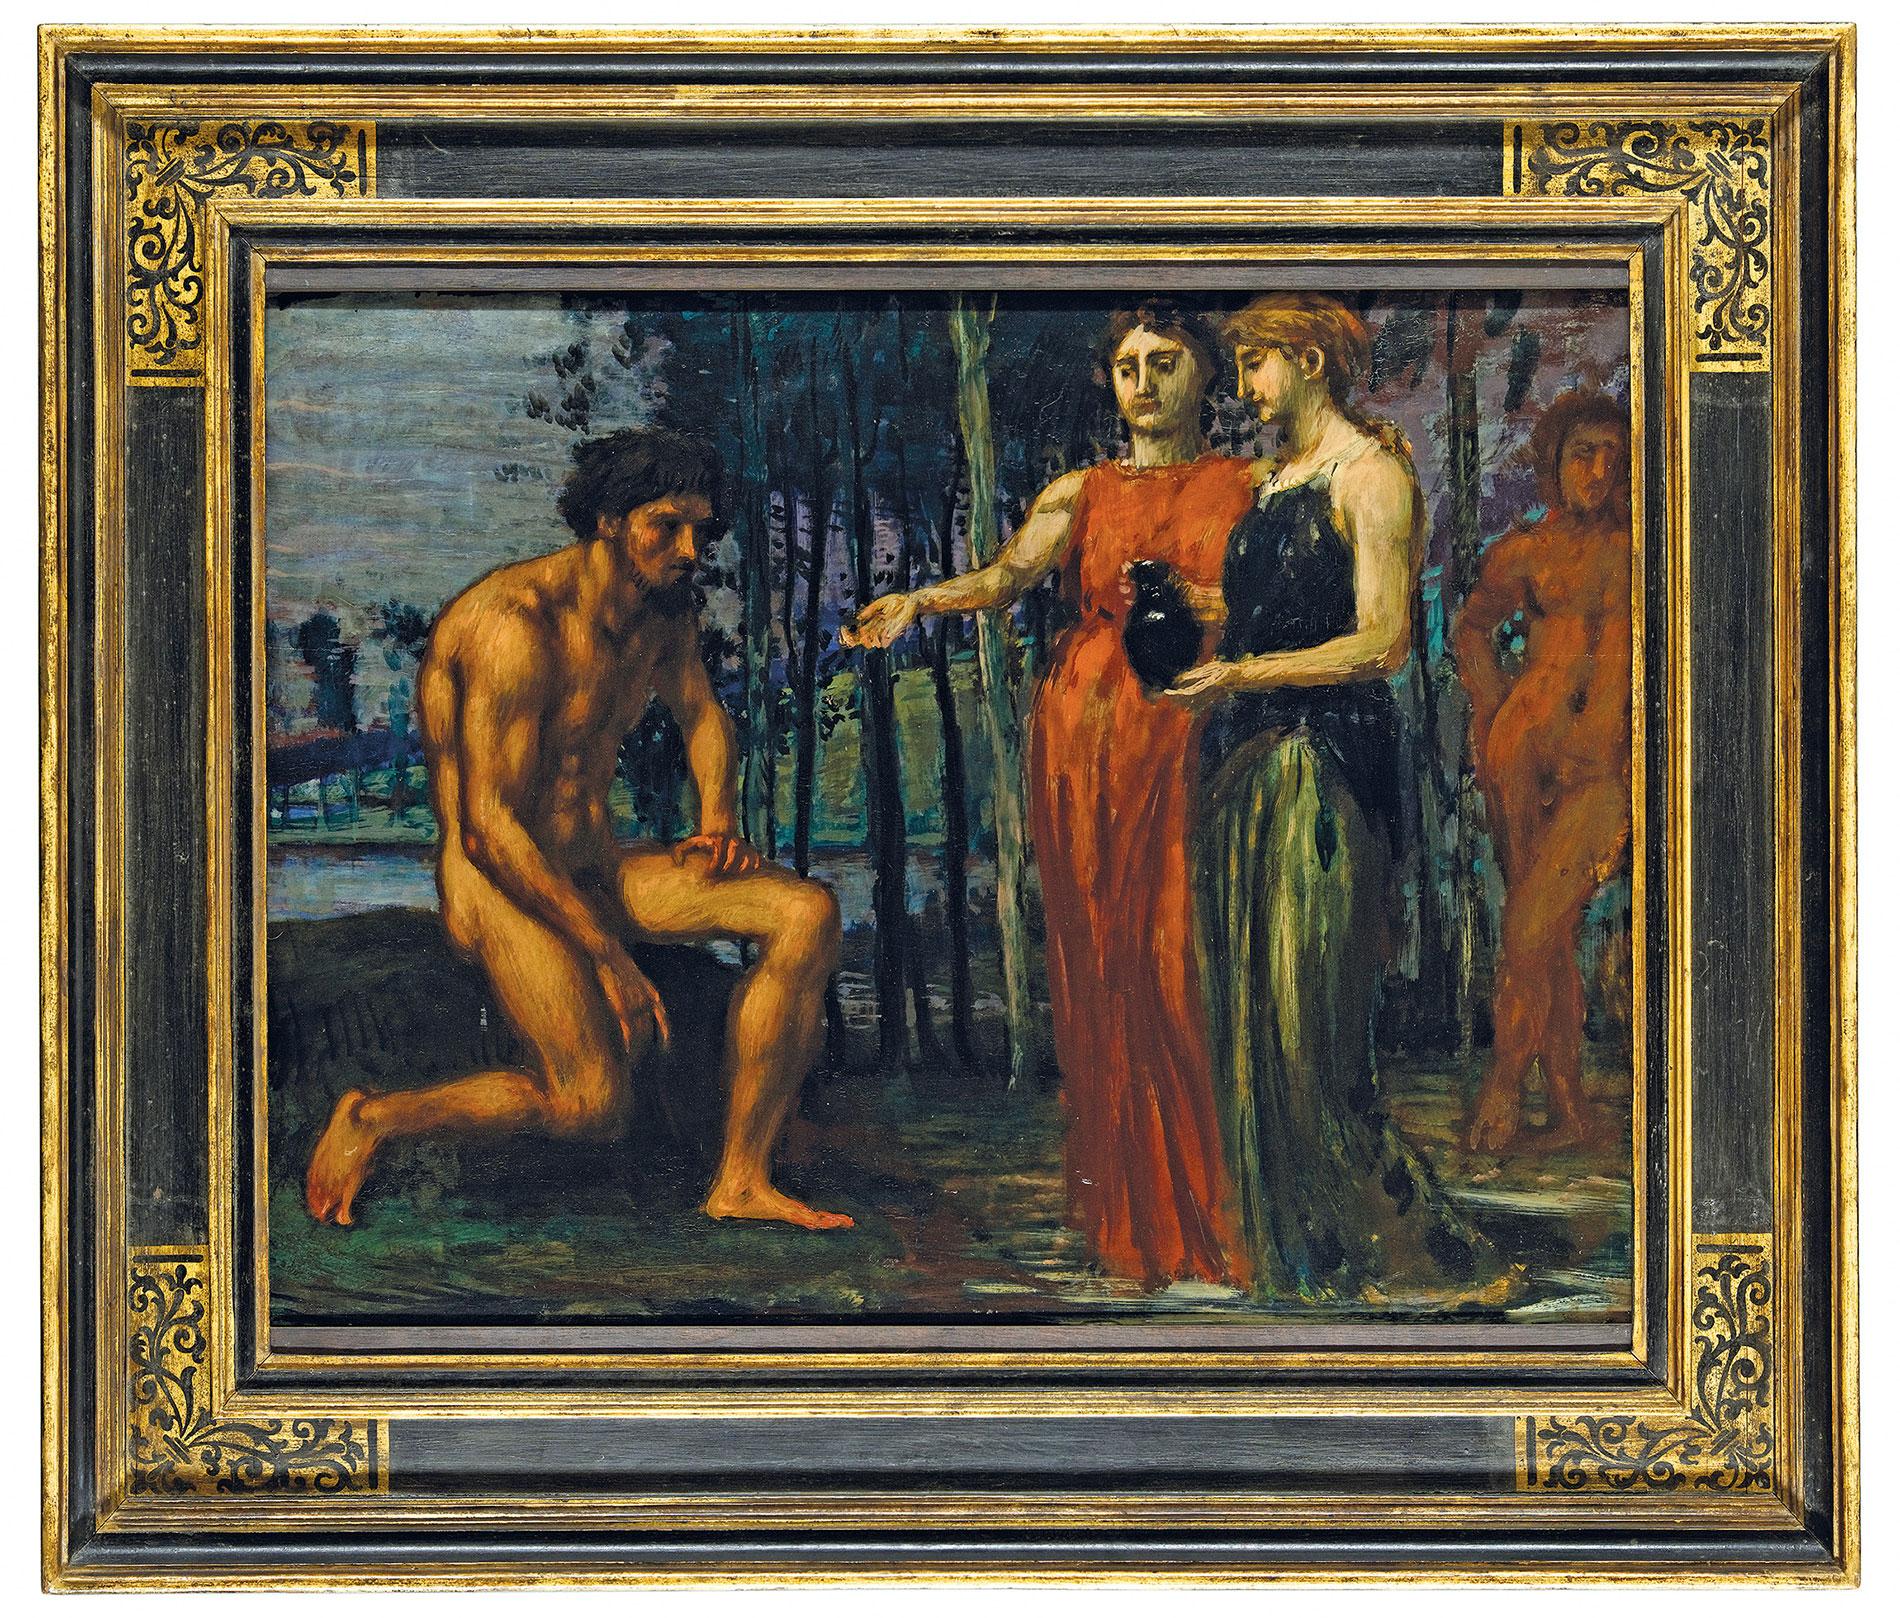 Hans von Marées, Die Labung, 1880, 64×85 cm; Museum Wiesbaden